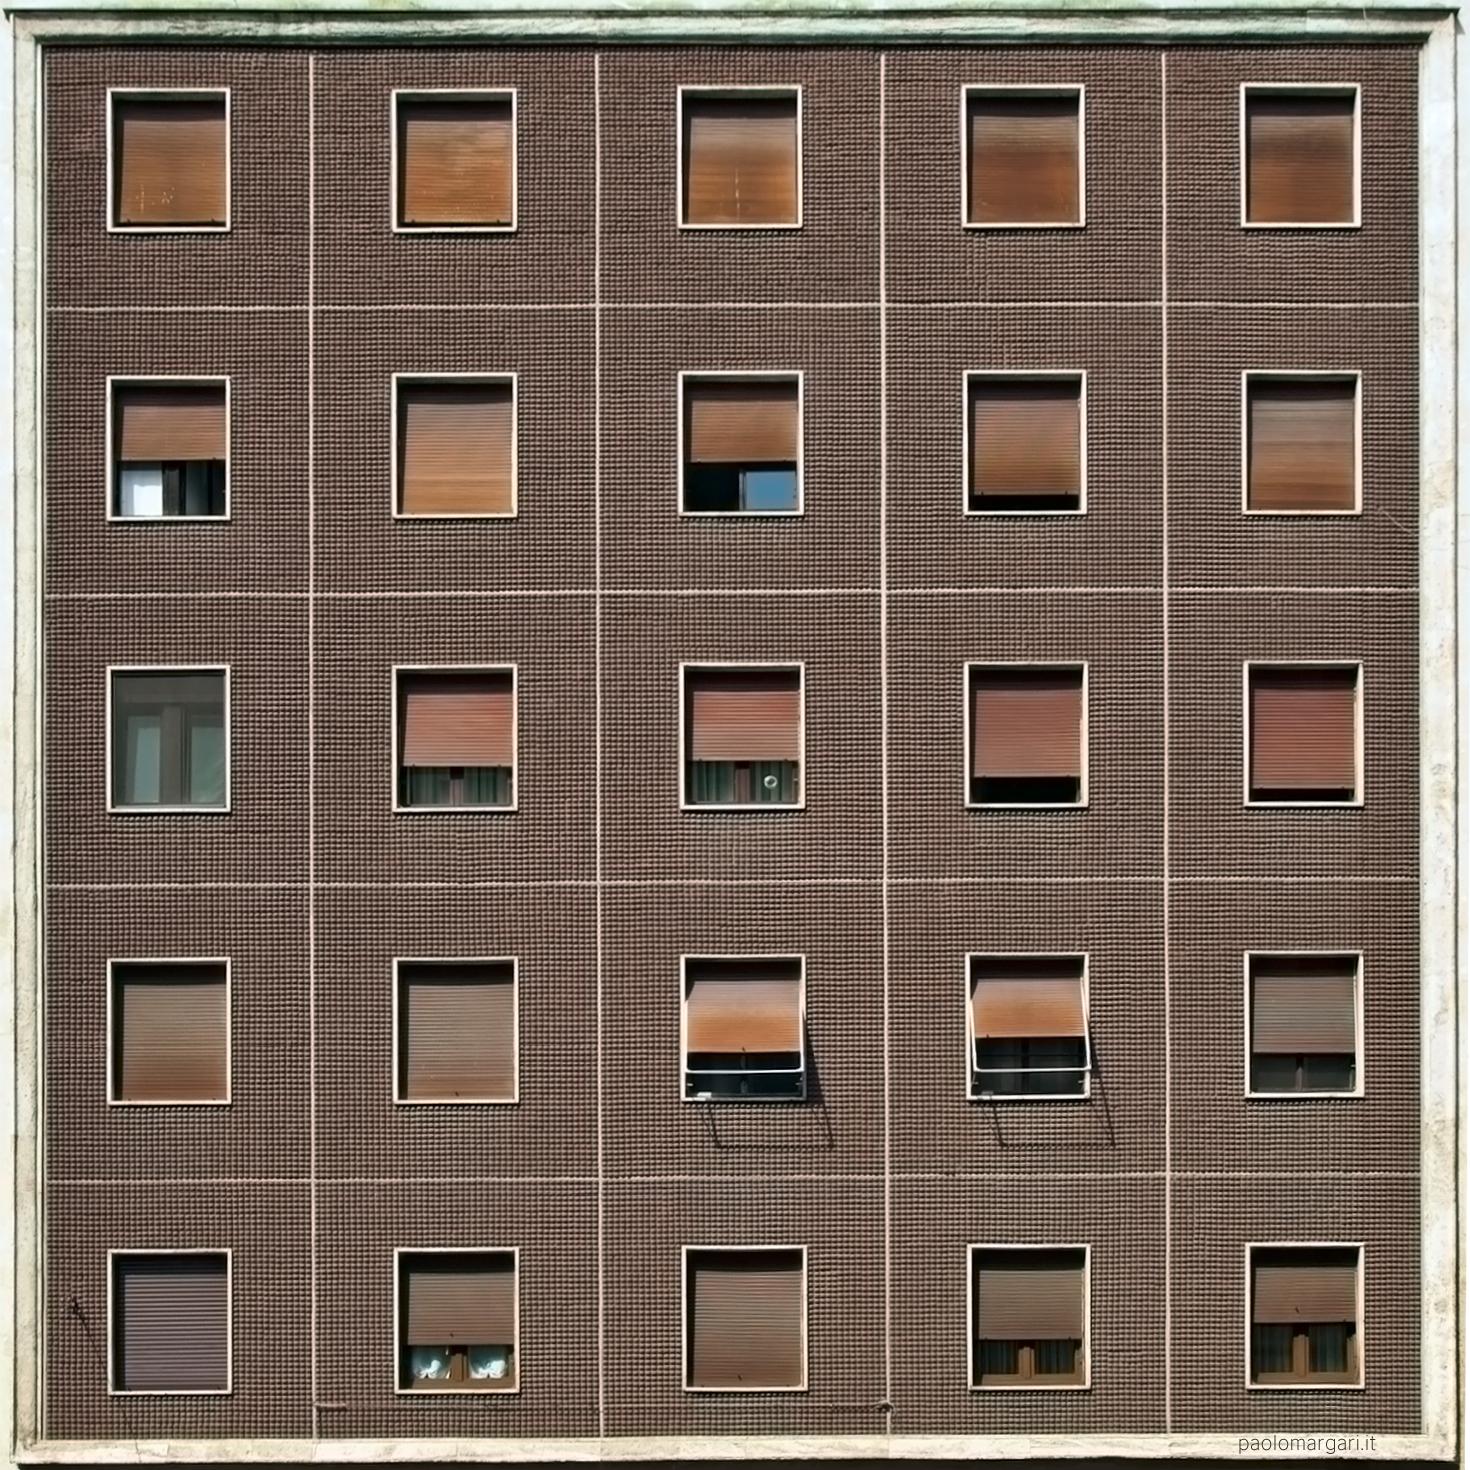 Urban cages in Milan - Milano, Italia